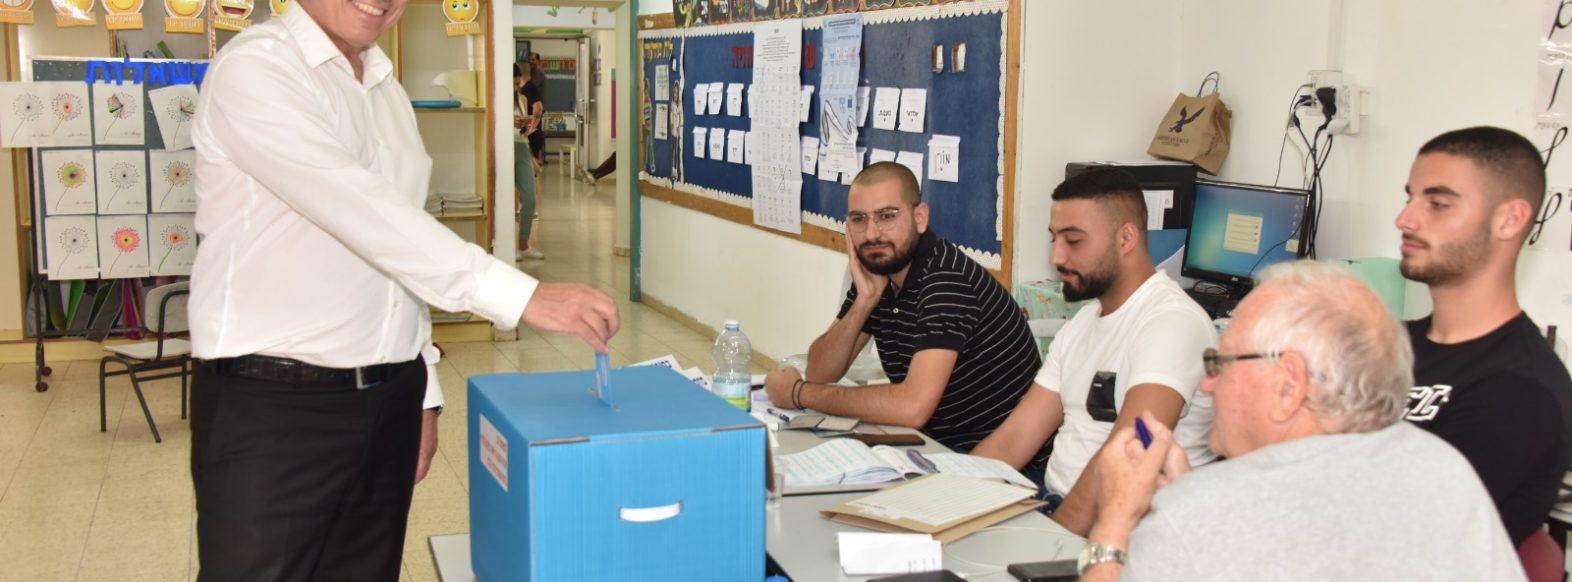 יום הבחיראות, ראש העיר יעקב פרץ הצביע בגבעת טל